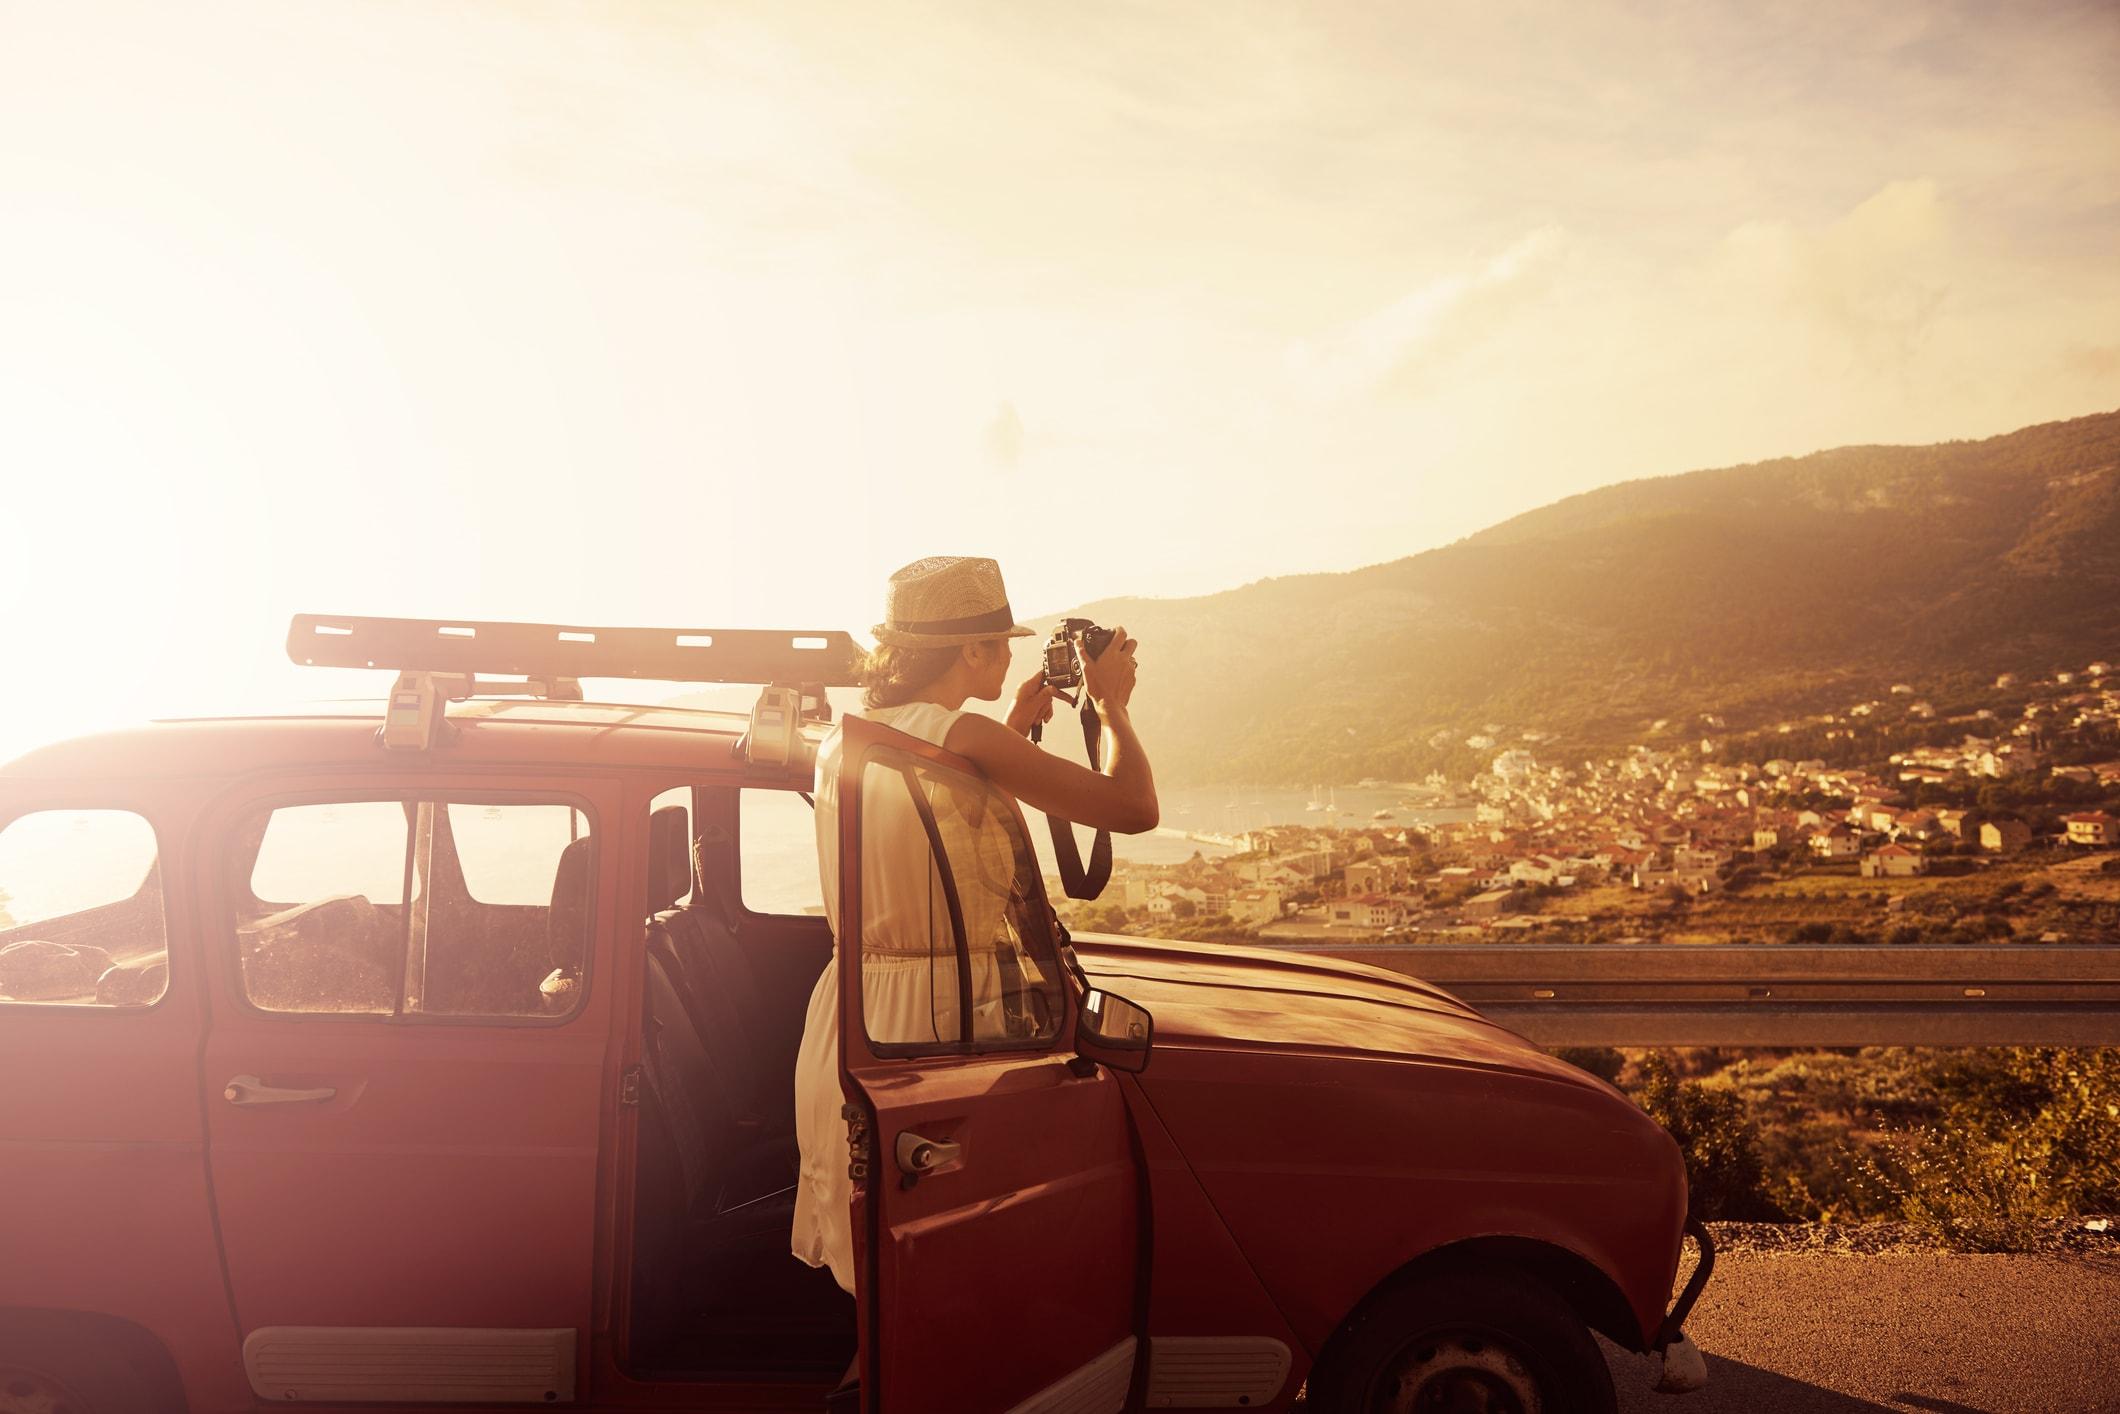 Tag bedre feriebilleder